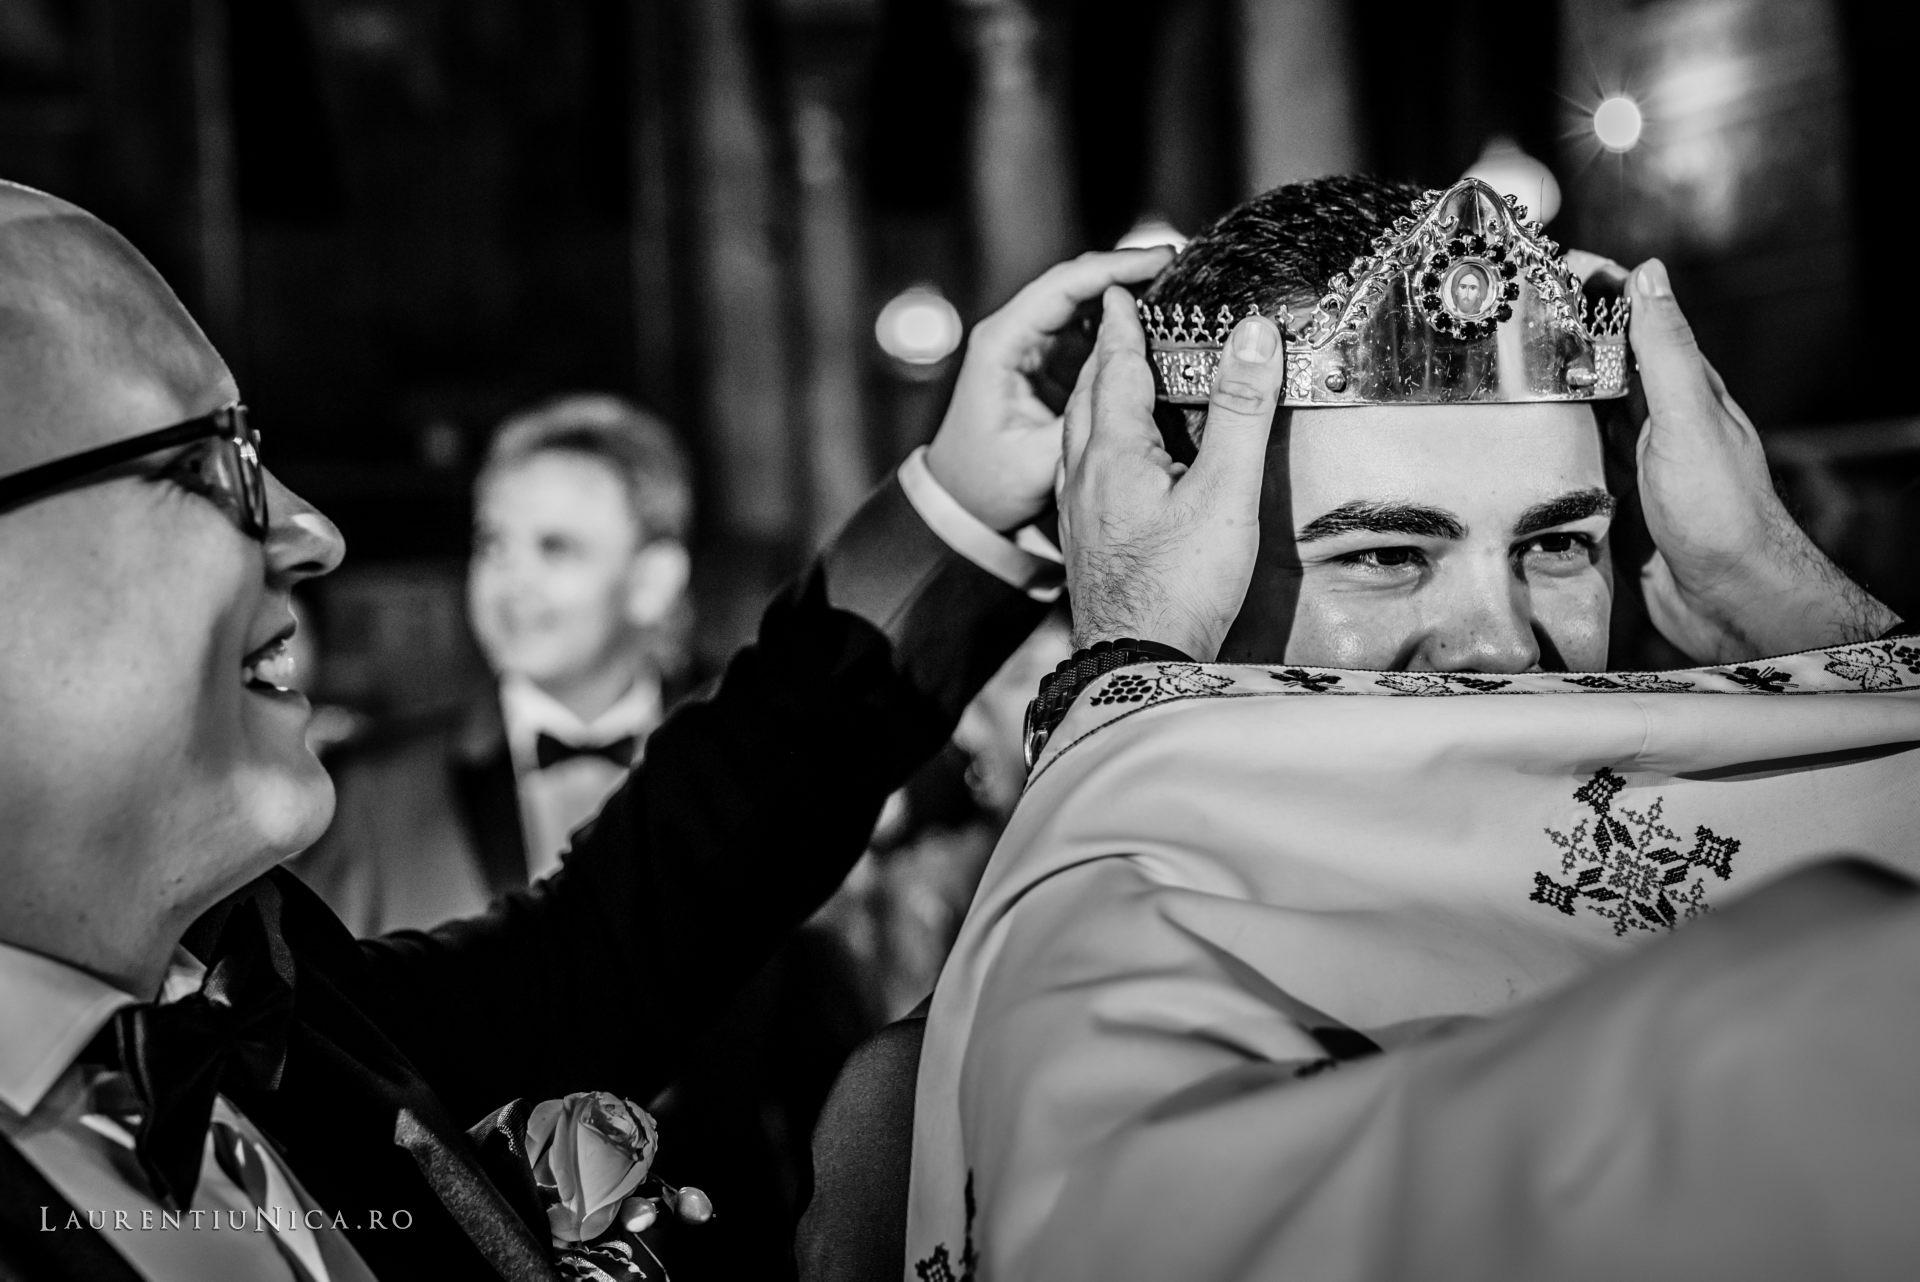 denisa si catalin fotograf nunta laurentiu nica craiova 46 - Denisa si Catalin | Fotografii nunta | Craiova